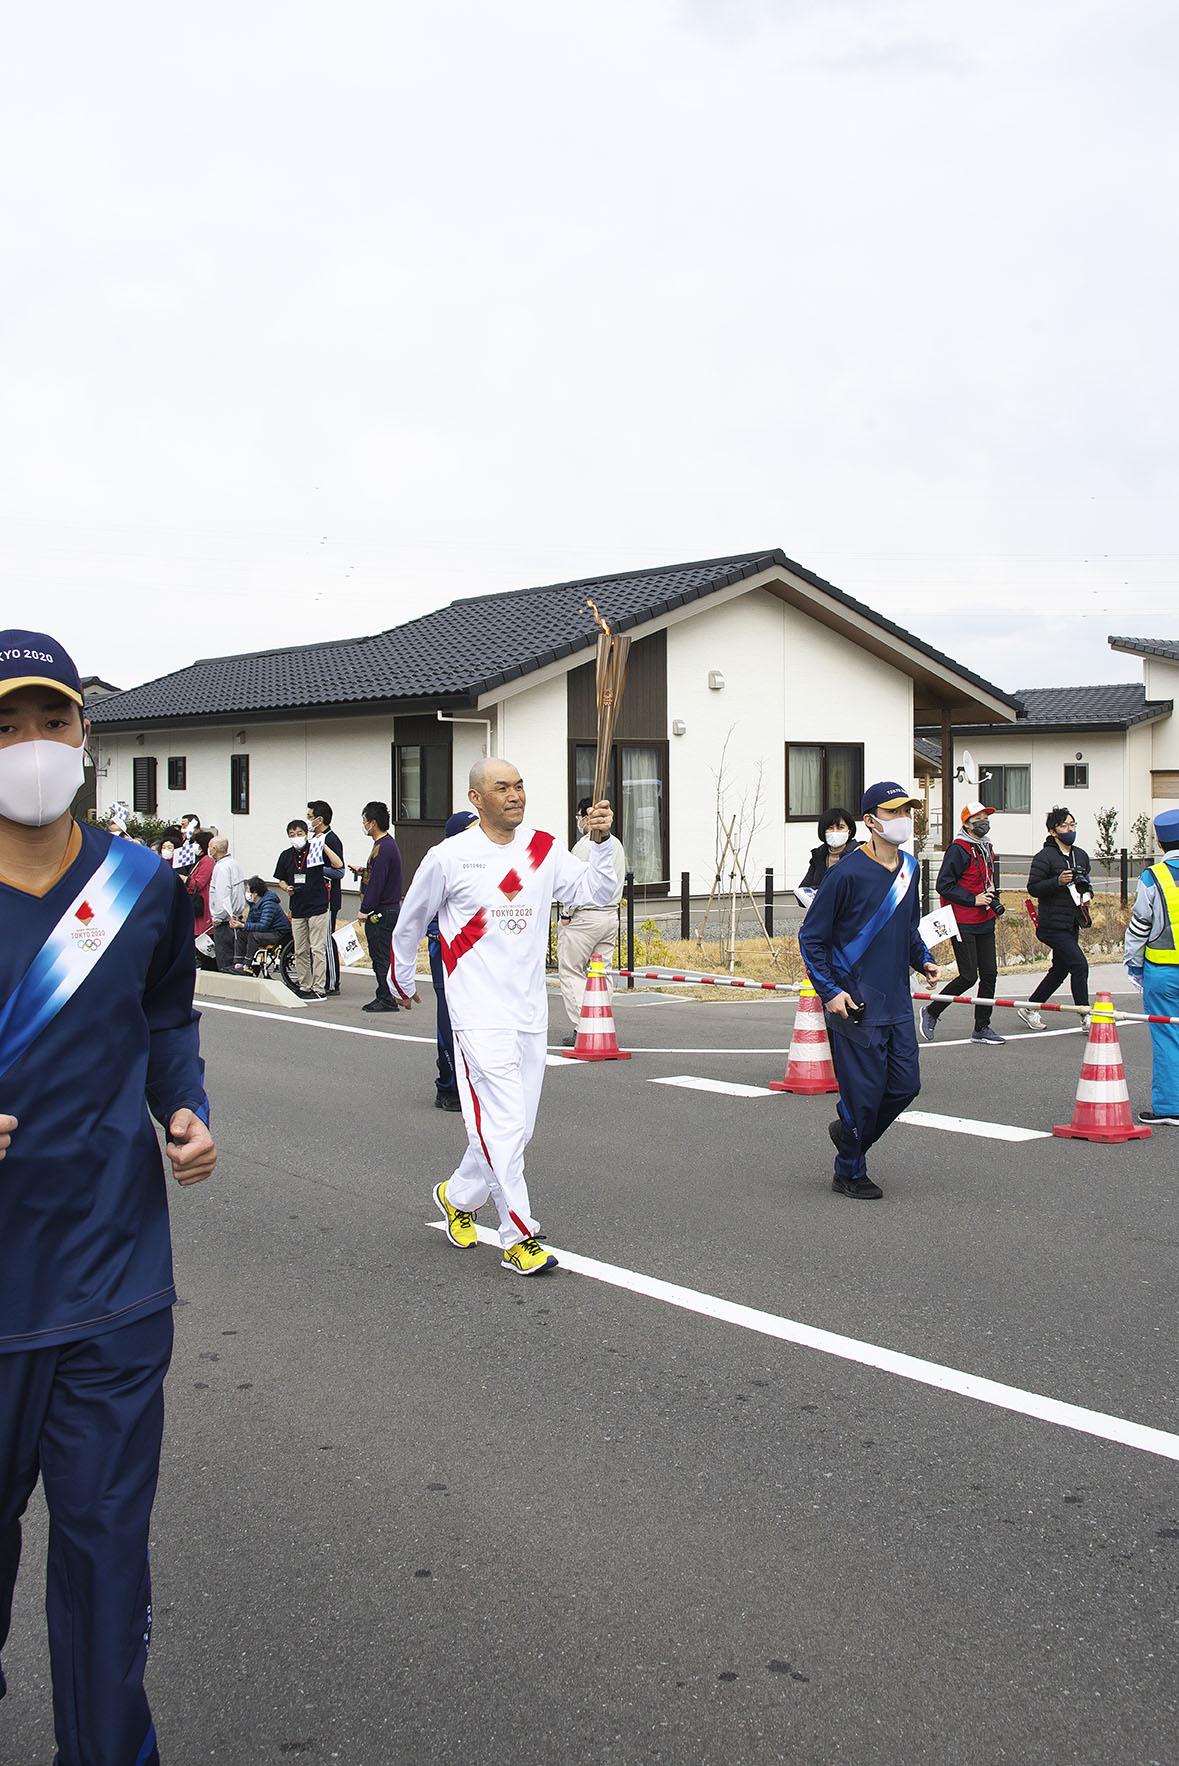 災害公営住宅前を走る聖火ランナー。